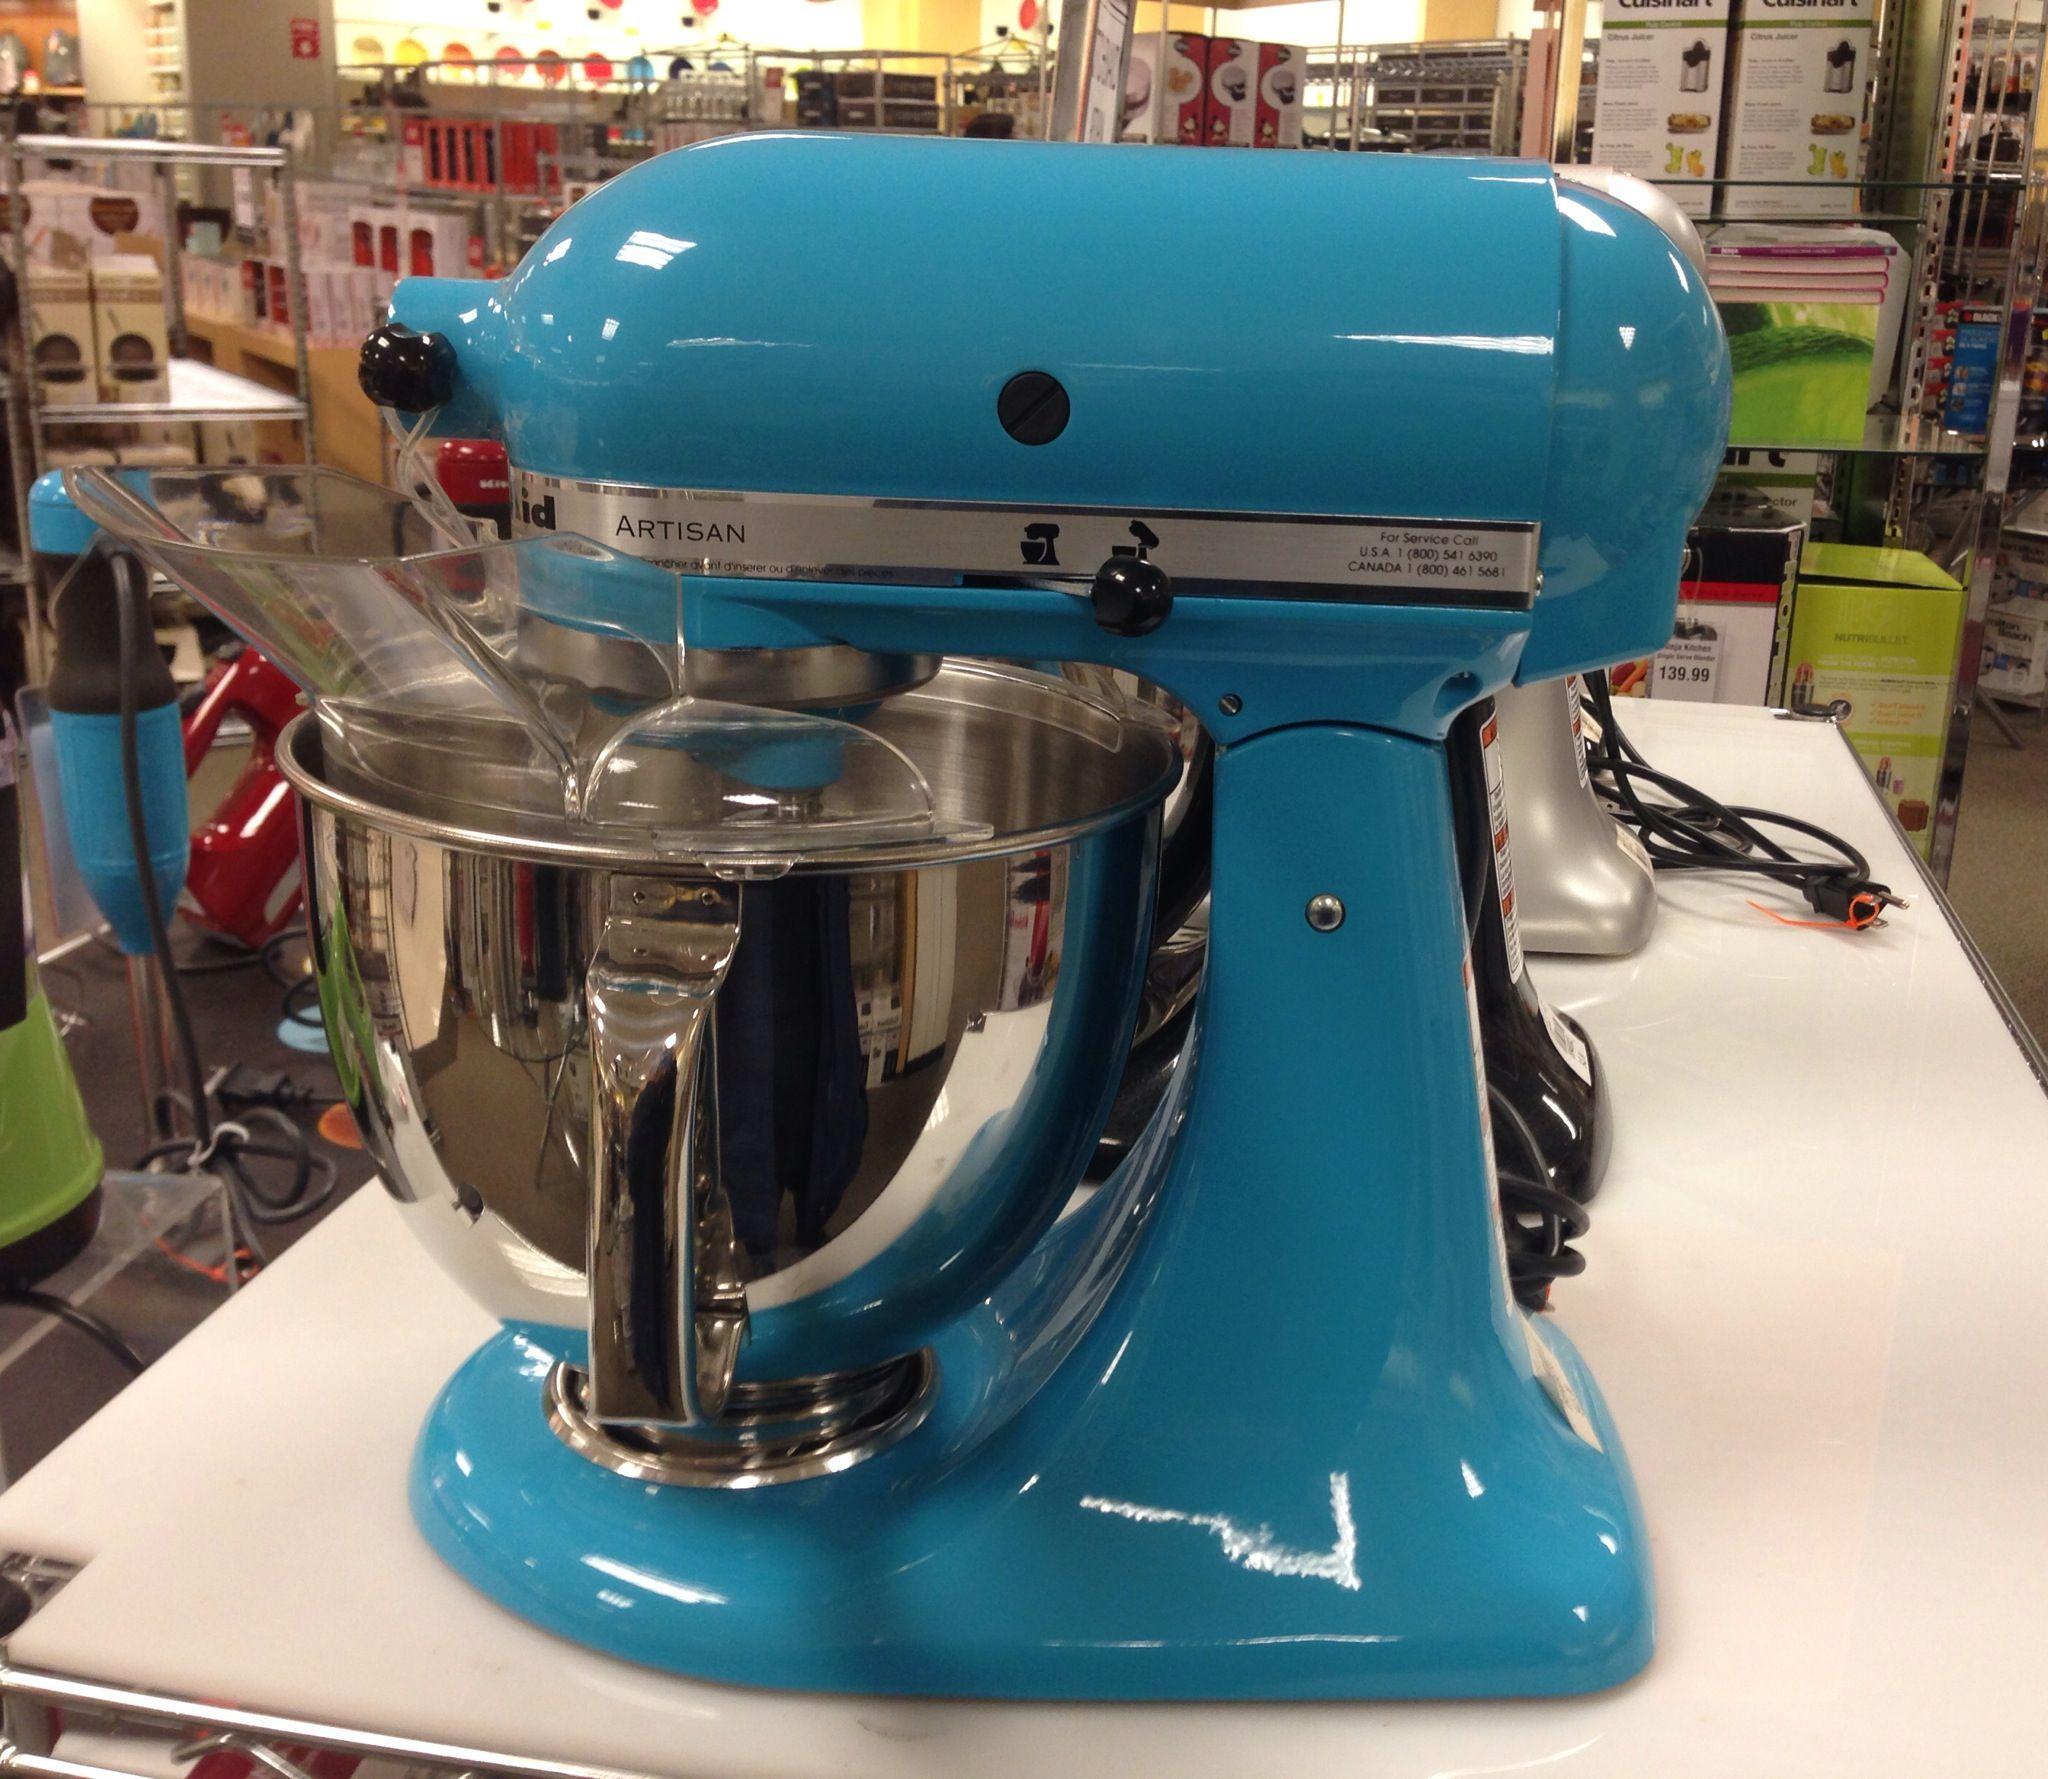 Crystal Blue Kitchenaid Mixers Pinterest